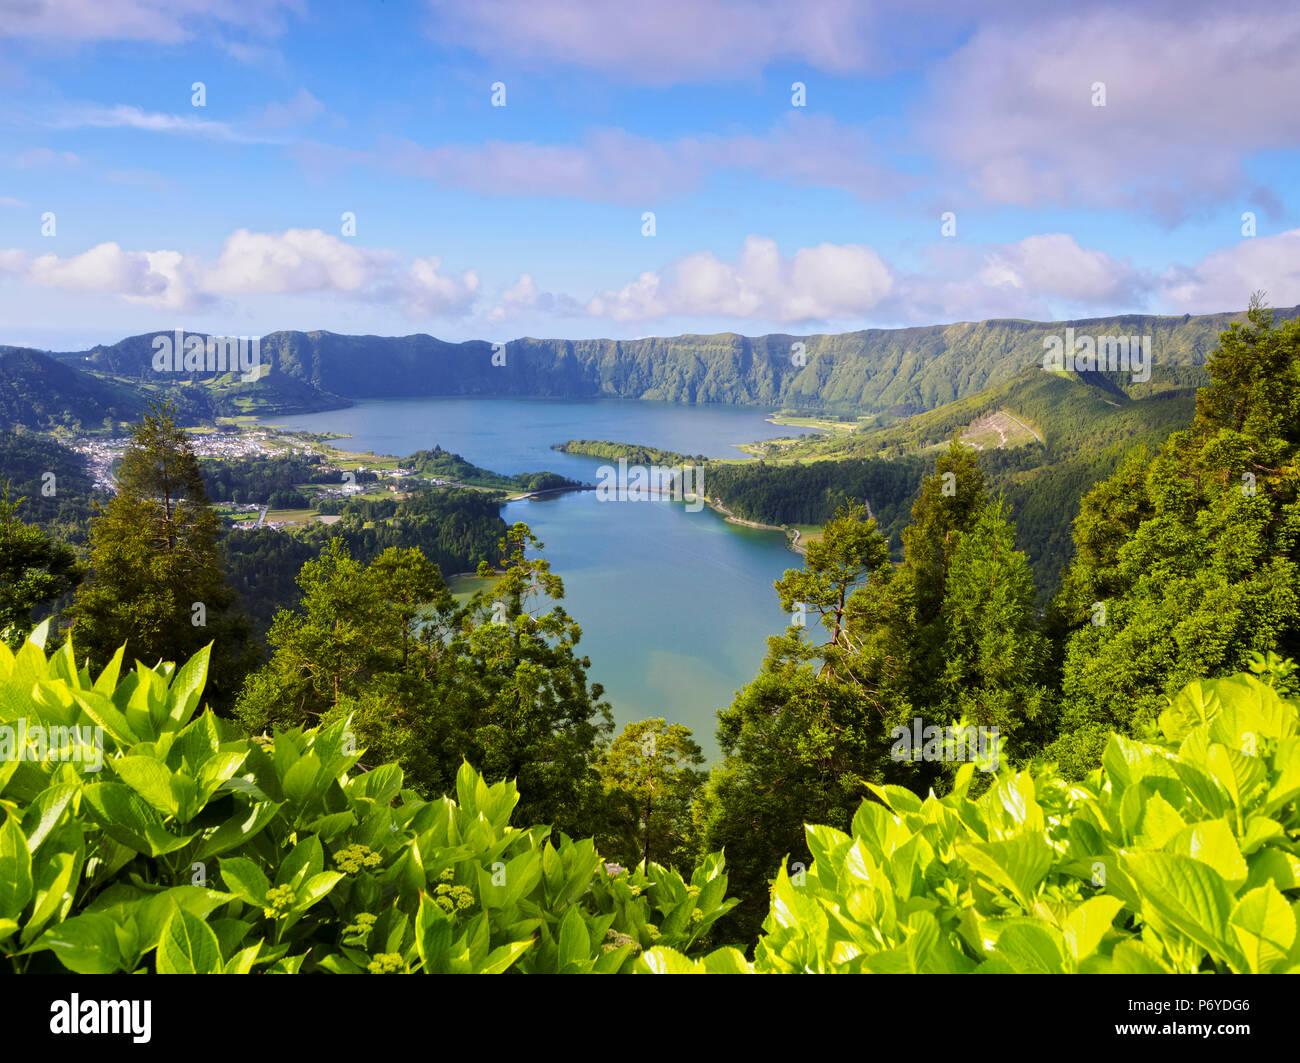 Portogallo Azzorre, Sao Miguel, comune di Ponta Delgada, Sete Cidades, vista in elevazione della Lagoa das Sete Cidades. Immagini Stock